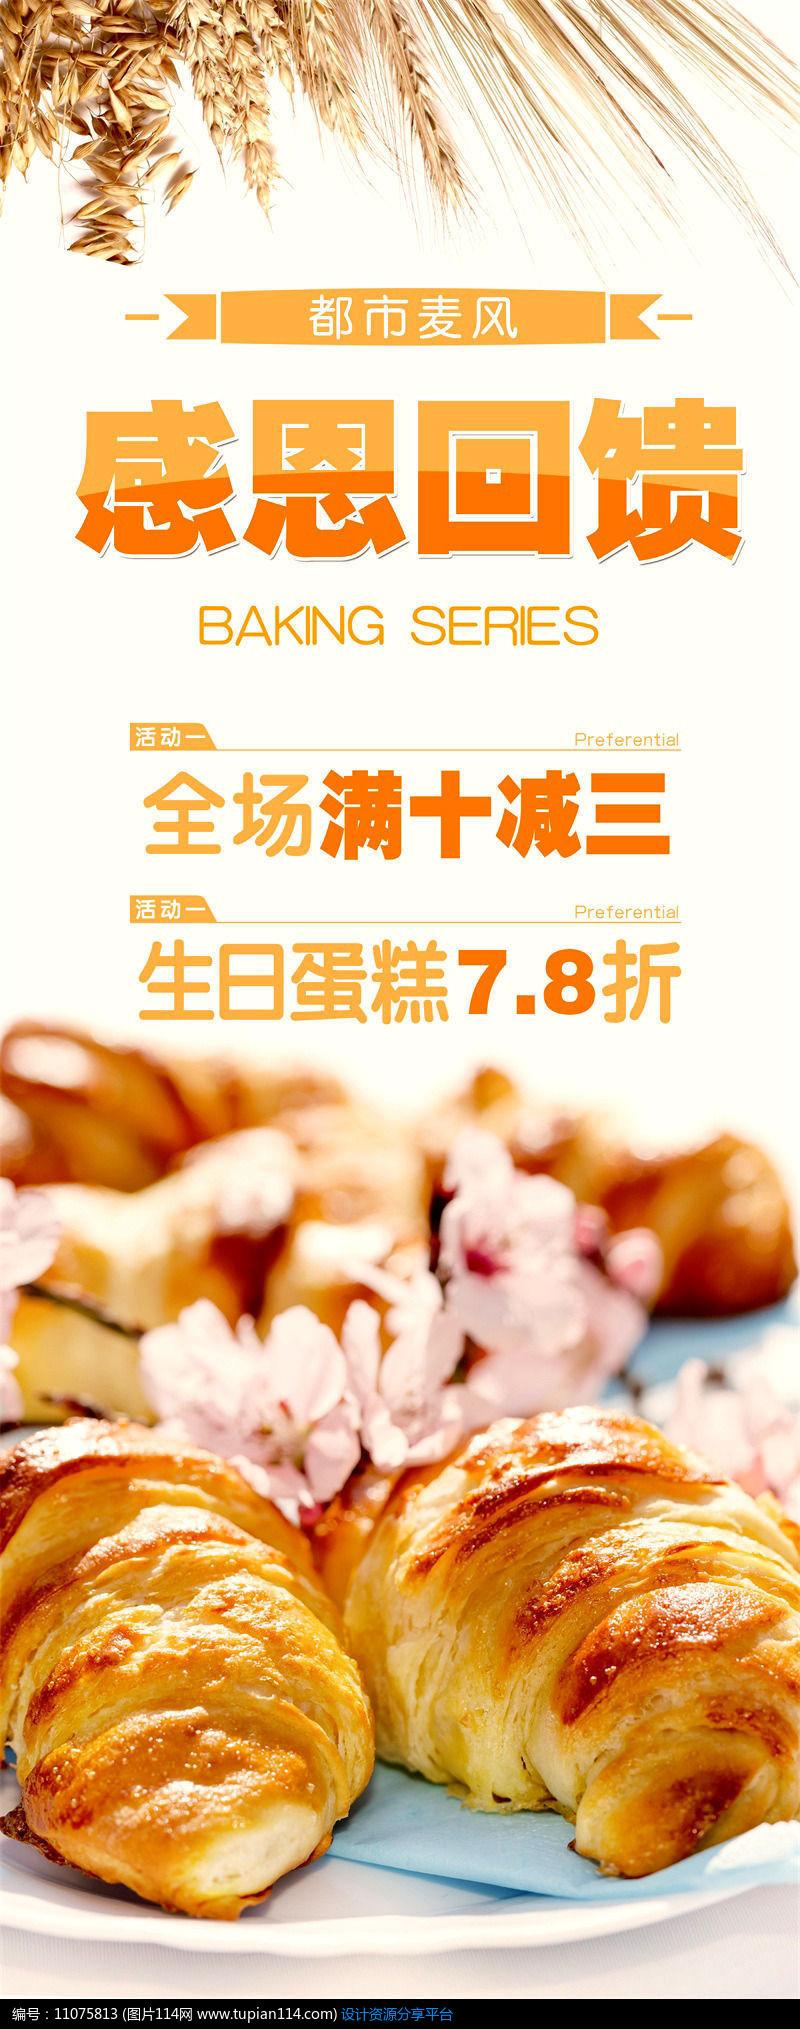 超市面包宣传海报背景